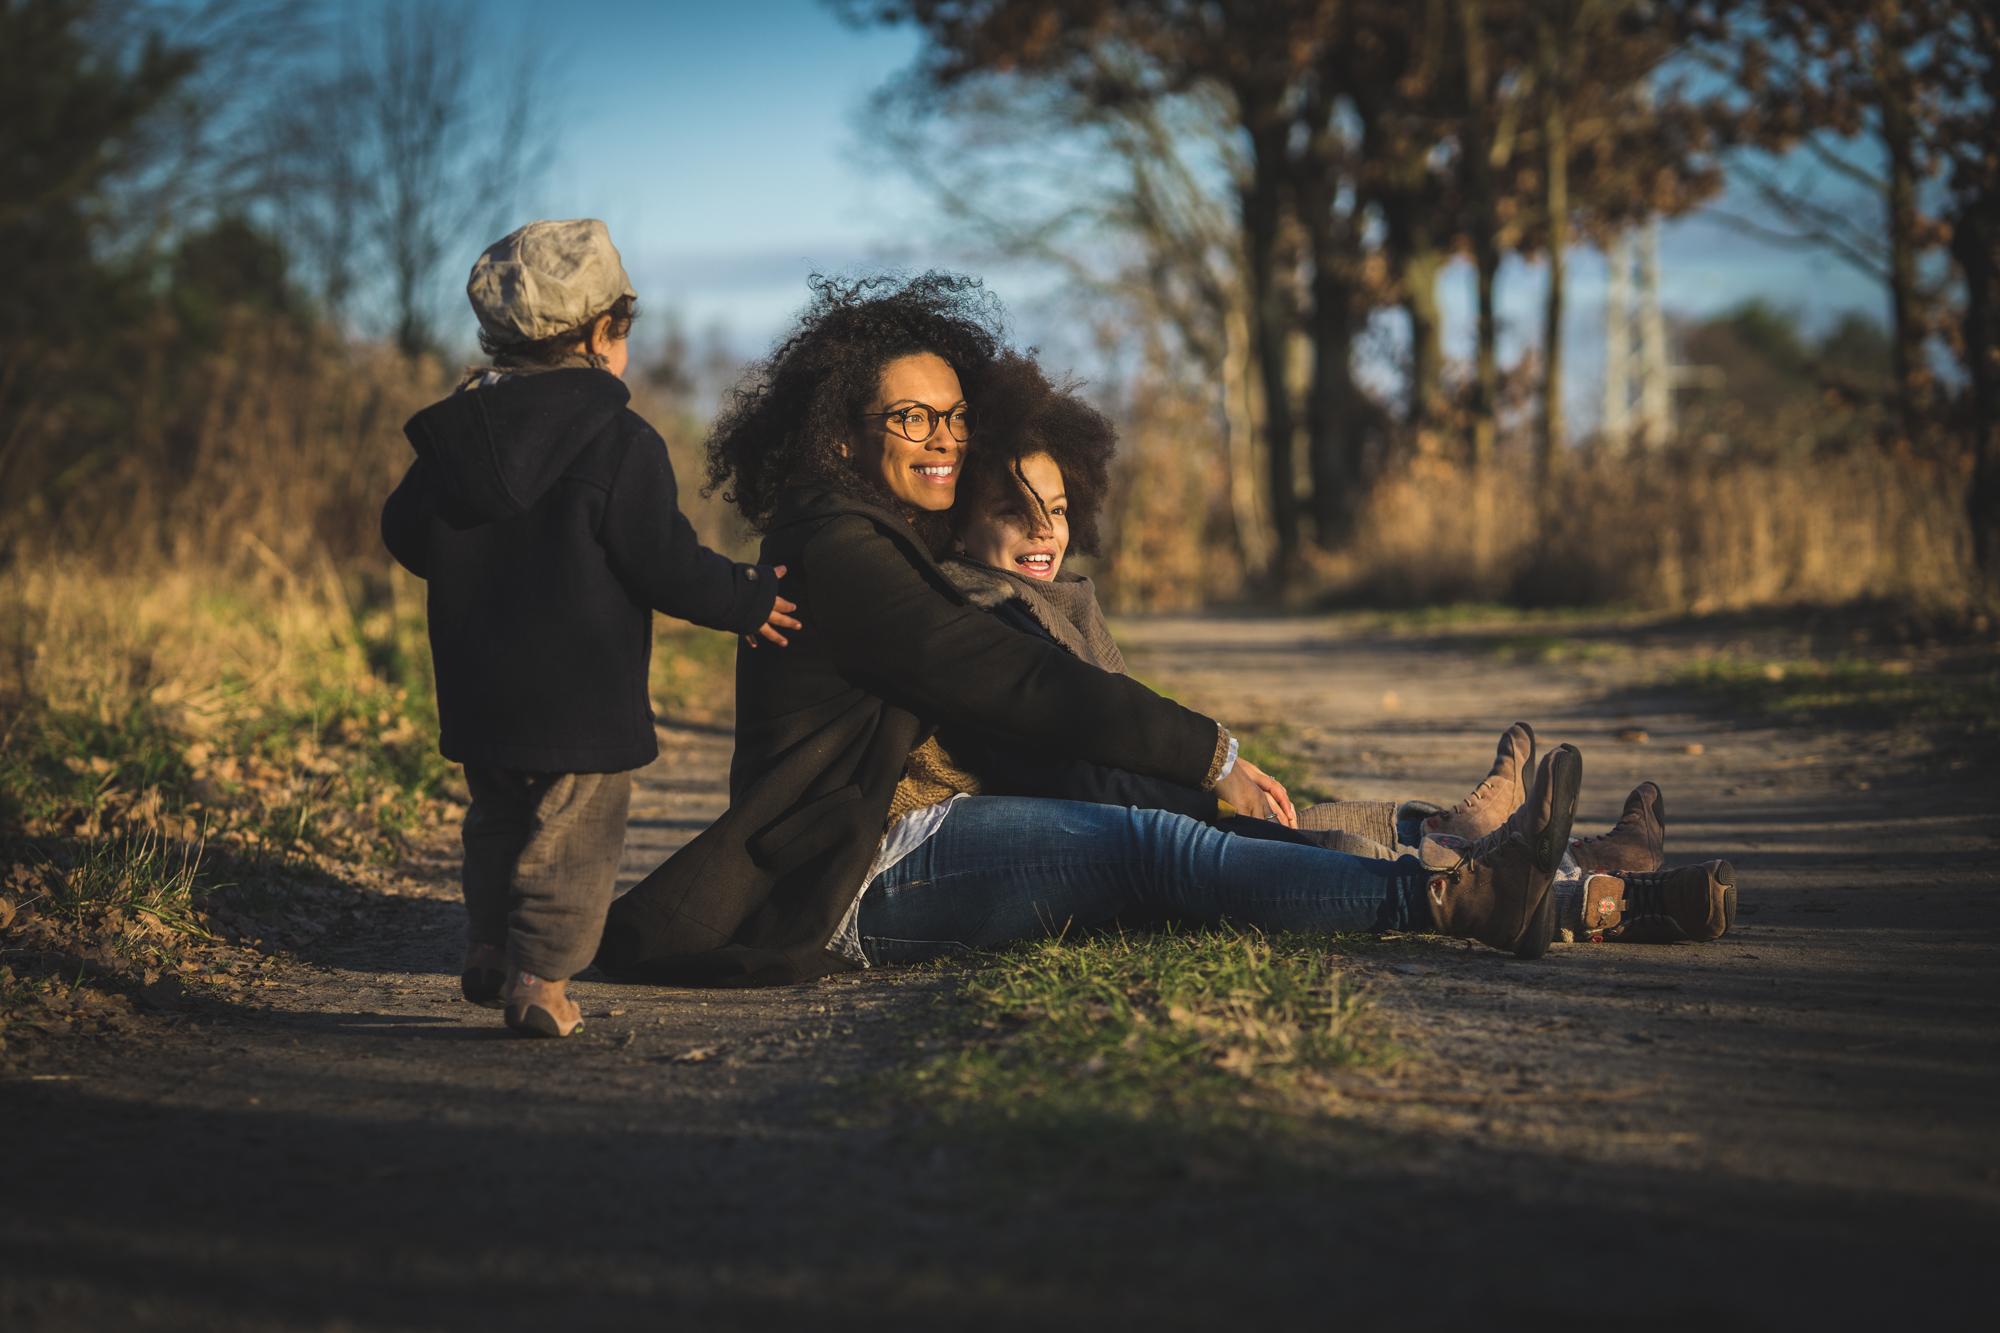 """Frau, Mutter, Unternehmerin und Schauspielerin....kann das gehen ?? Mein Leben ist bunt,wild und wunderbar anstrengend schön ! Meine Gedanken dazu und alles über die Serie """"Endlich Eltern!"""" für Turner"""